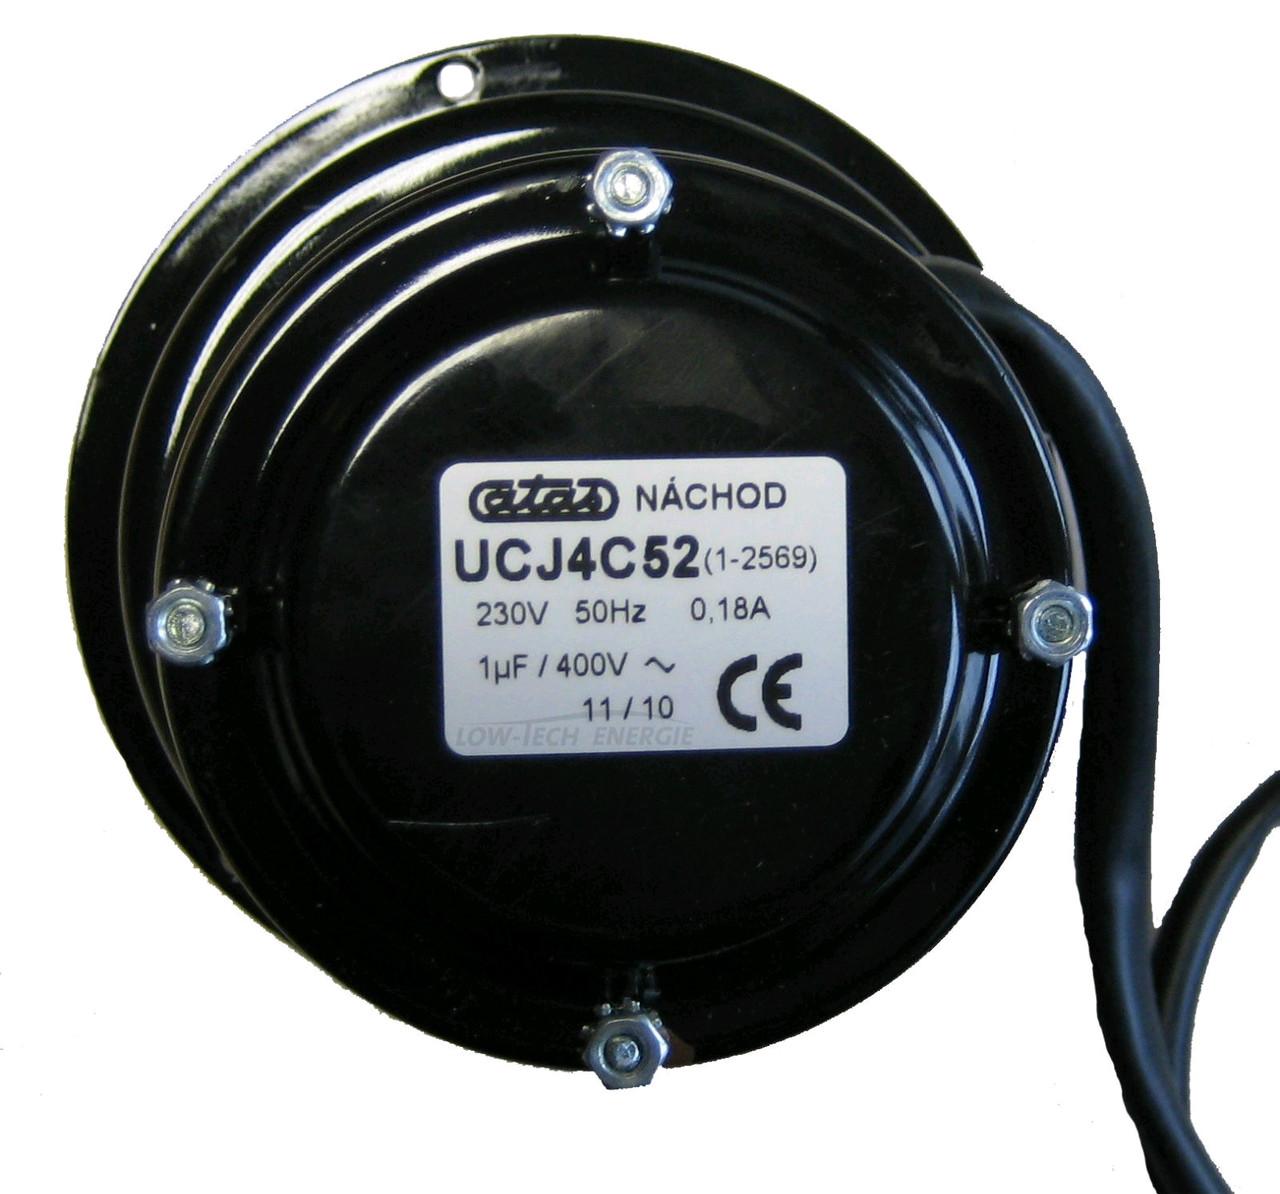 Вытяжной вентилятор, мотор с турбиной диаметром 175 закрытый - (DC50SE, DC50S, DC50GSX, DC60GSX, DC50GSE, C40S, C50S)